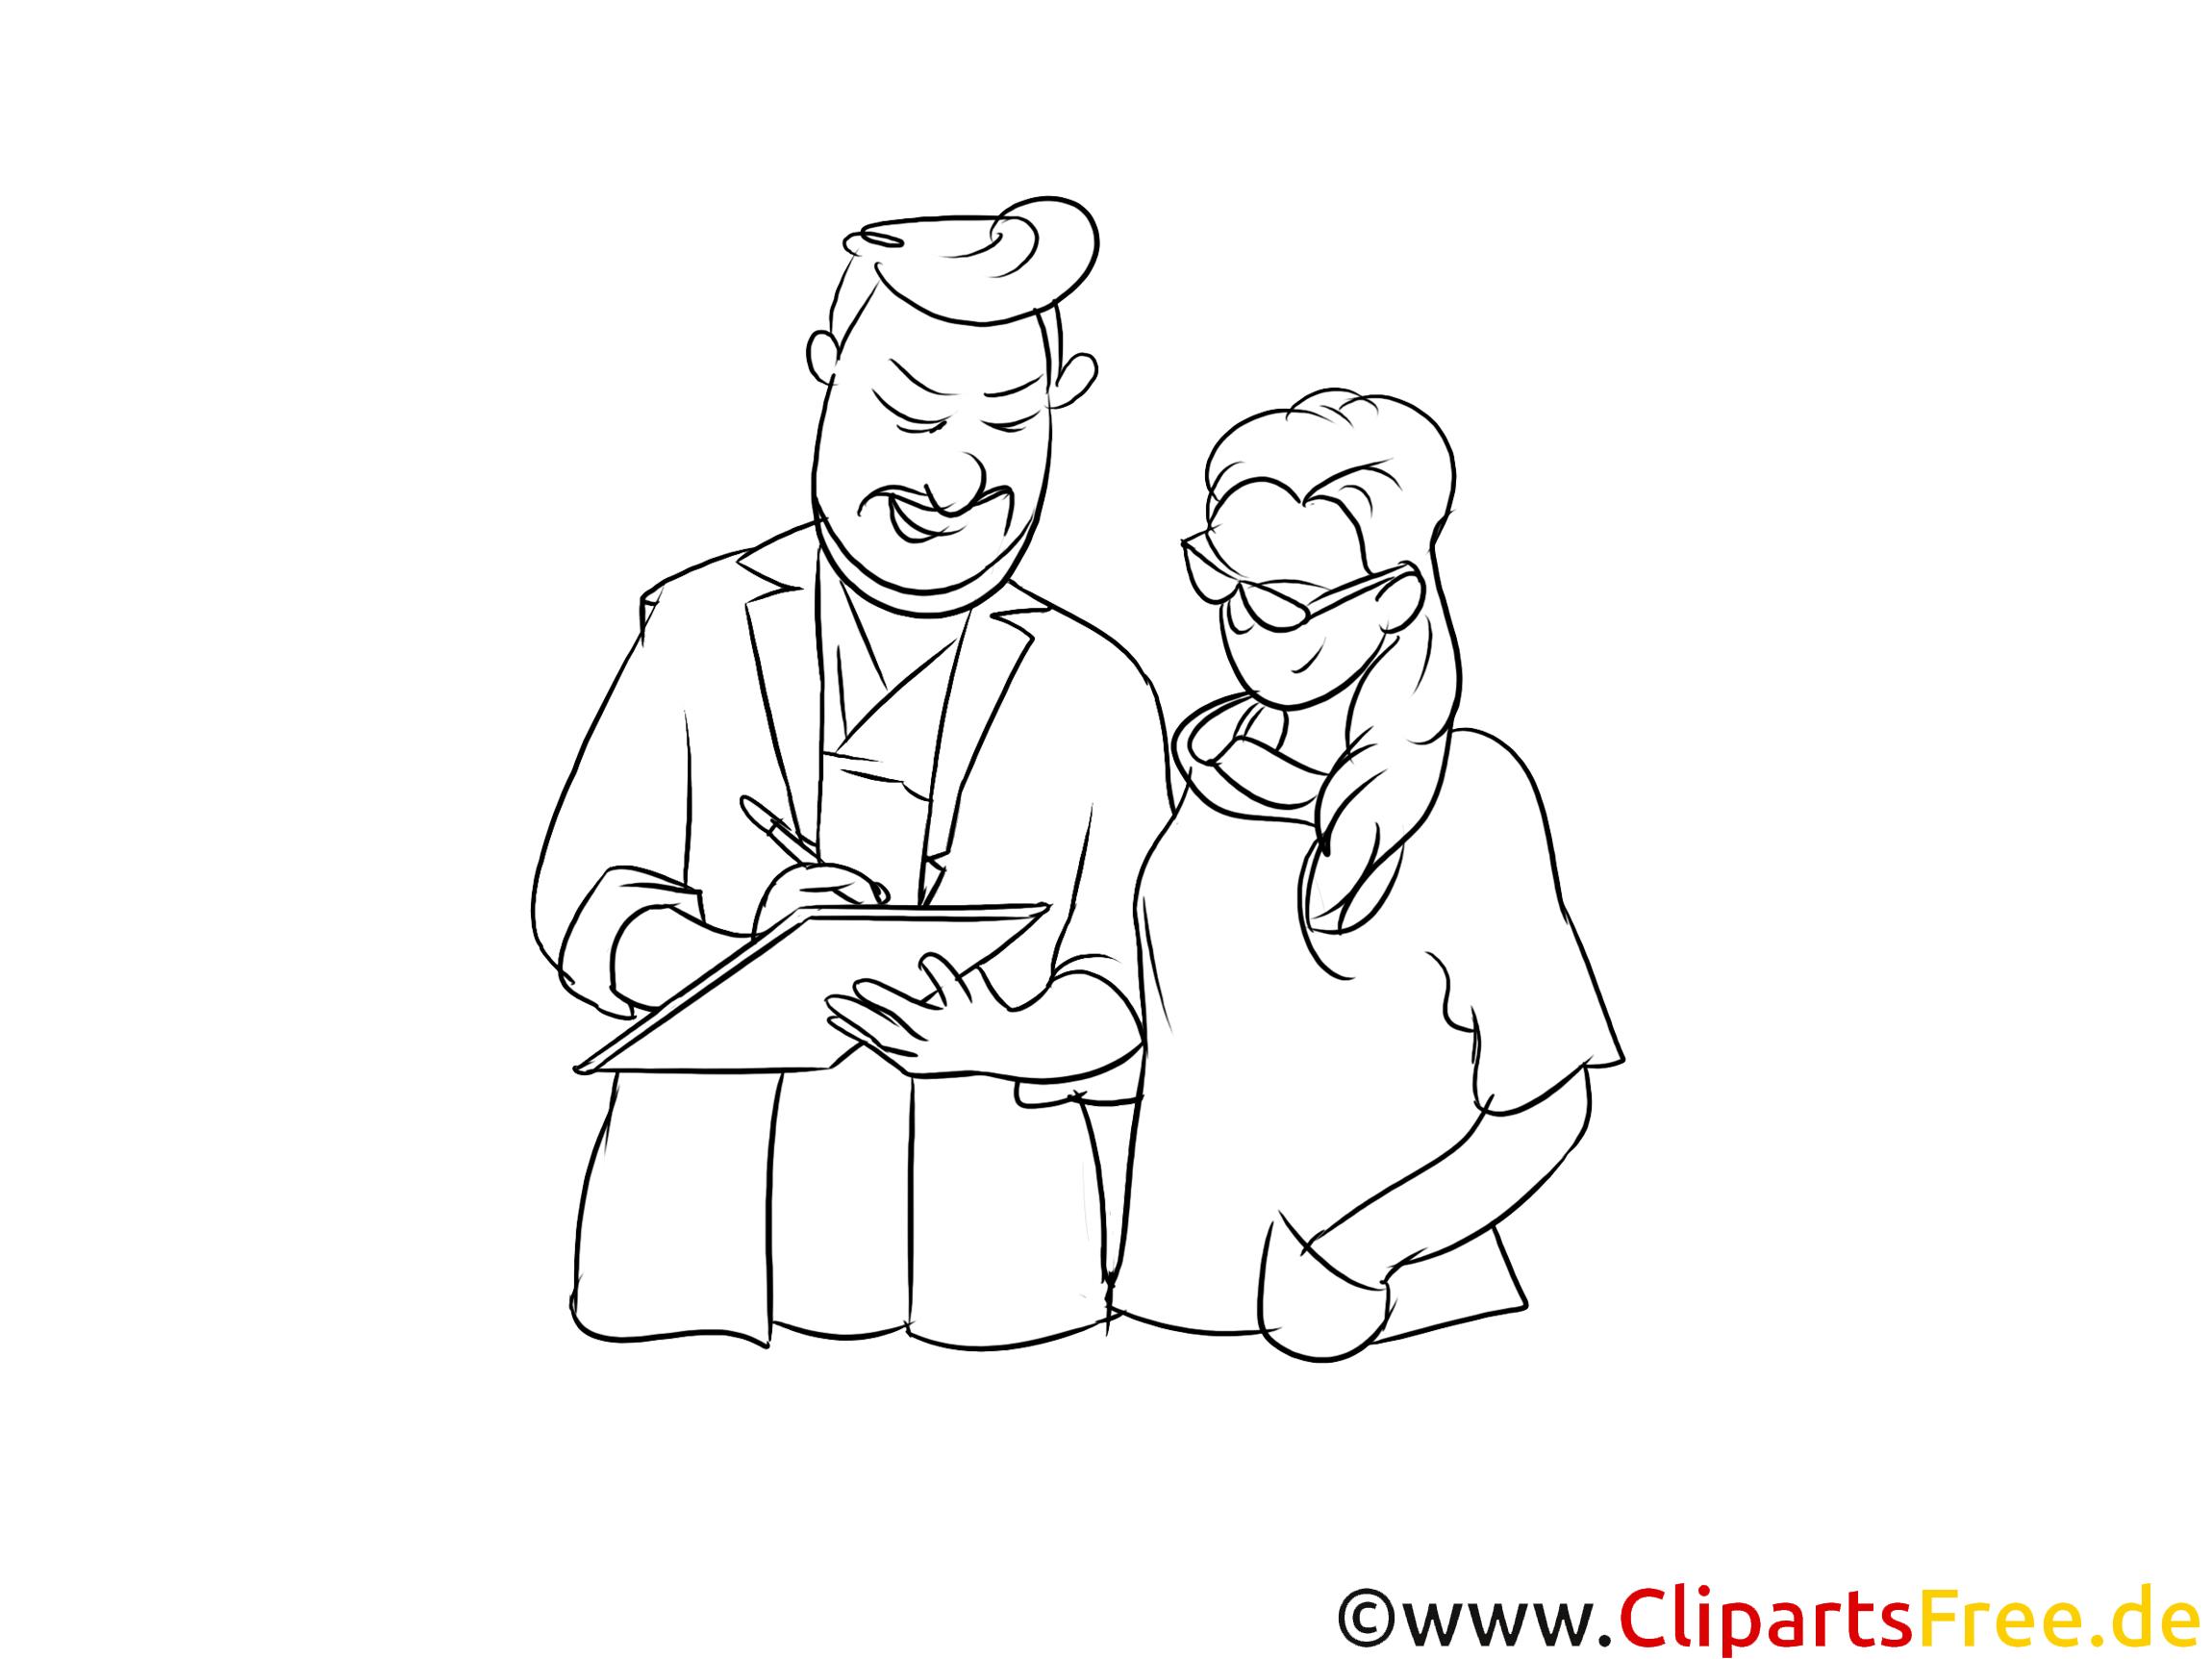 Medizinischer Fachangestellter schwarz-weiße Cliparts, Bilder, Grafiken